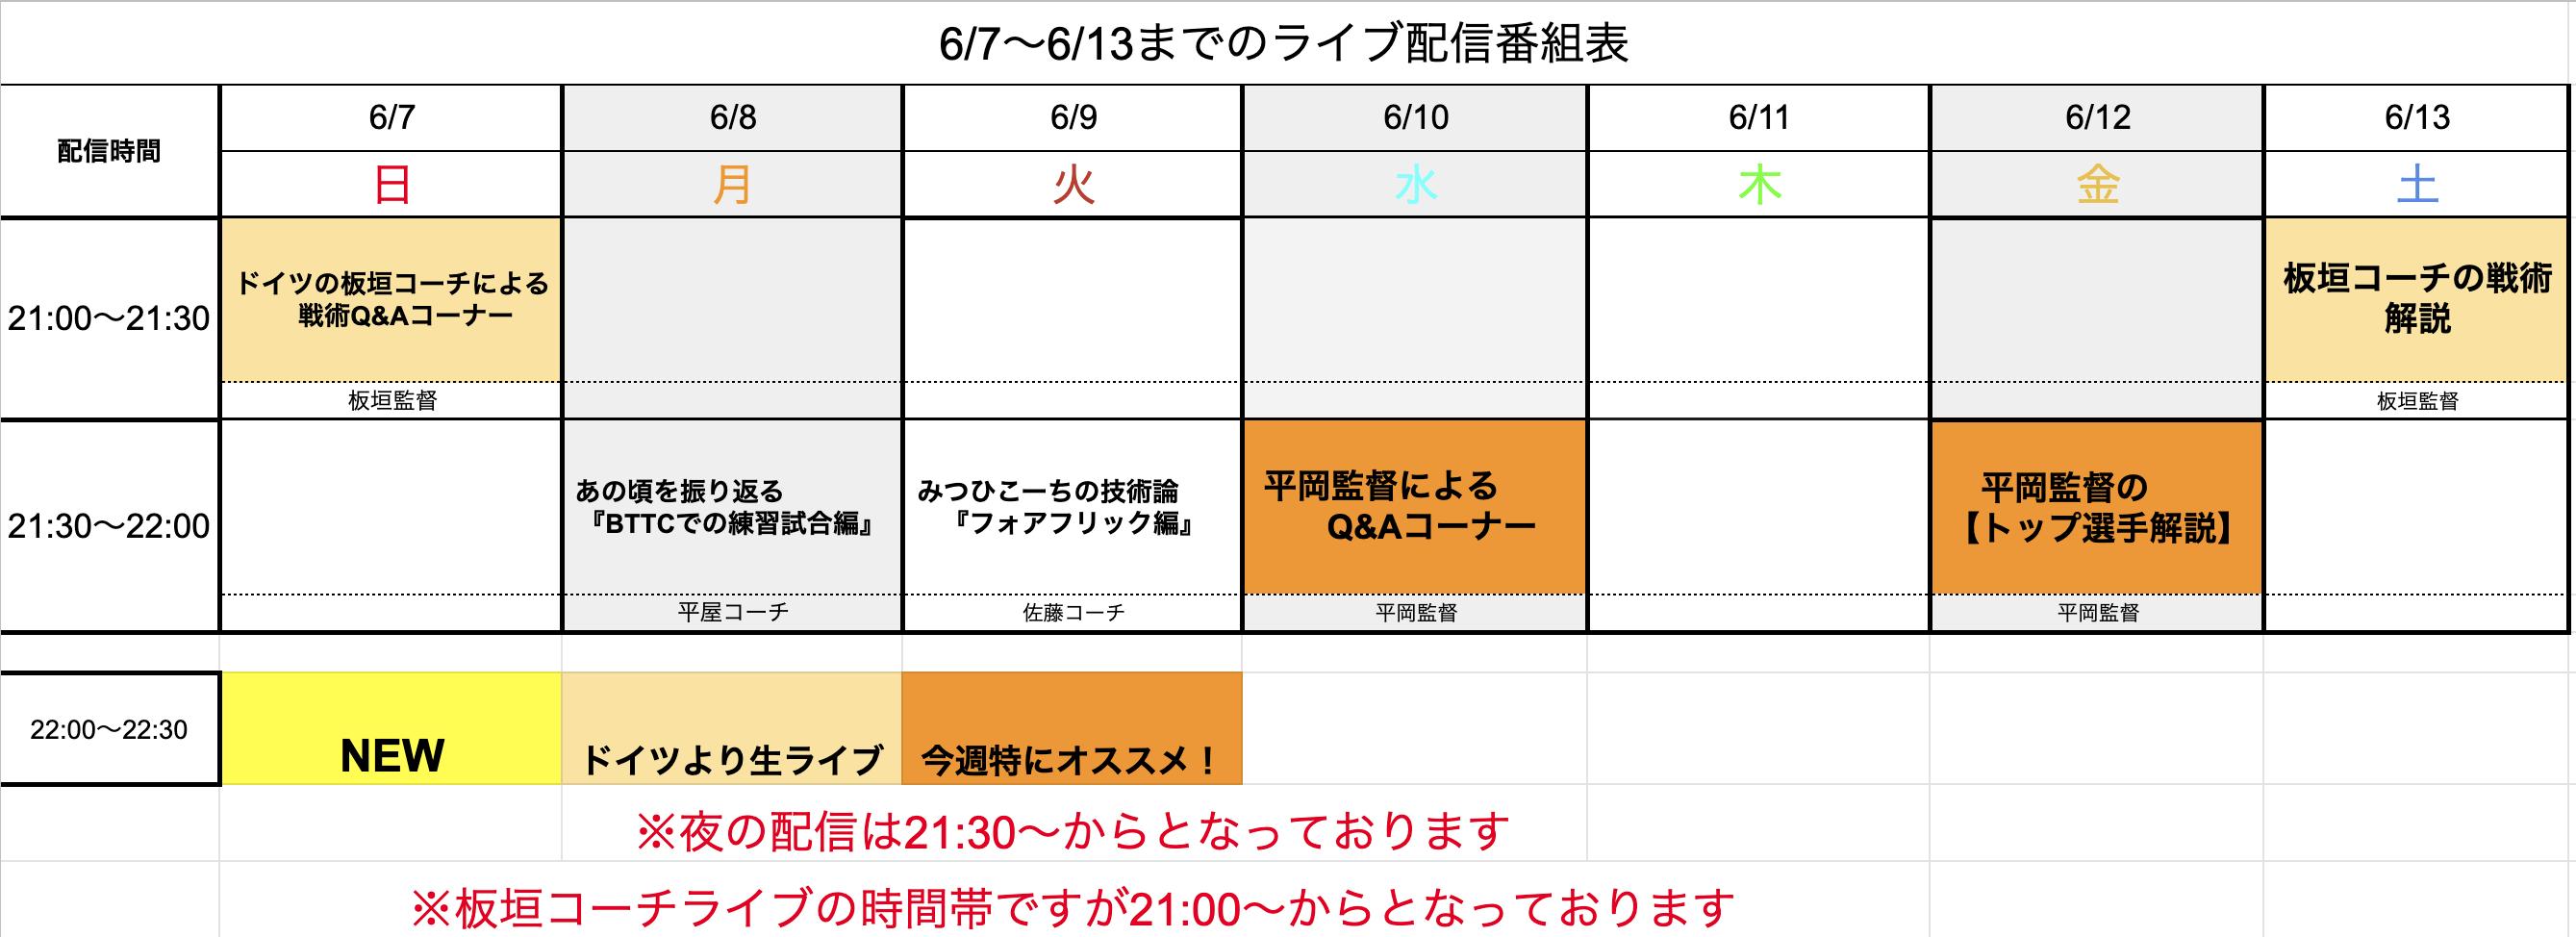 【ライブ番組表まとめ】6/7〜6/13のライブ番組表公開しました!